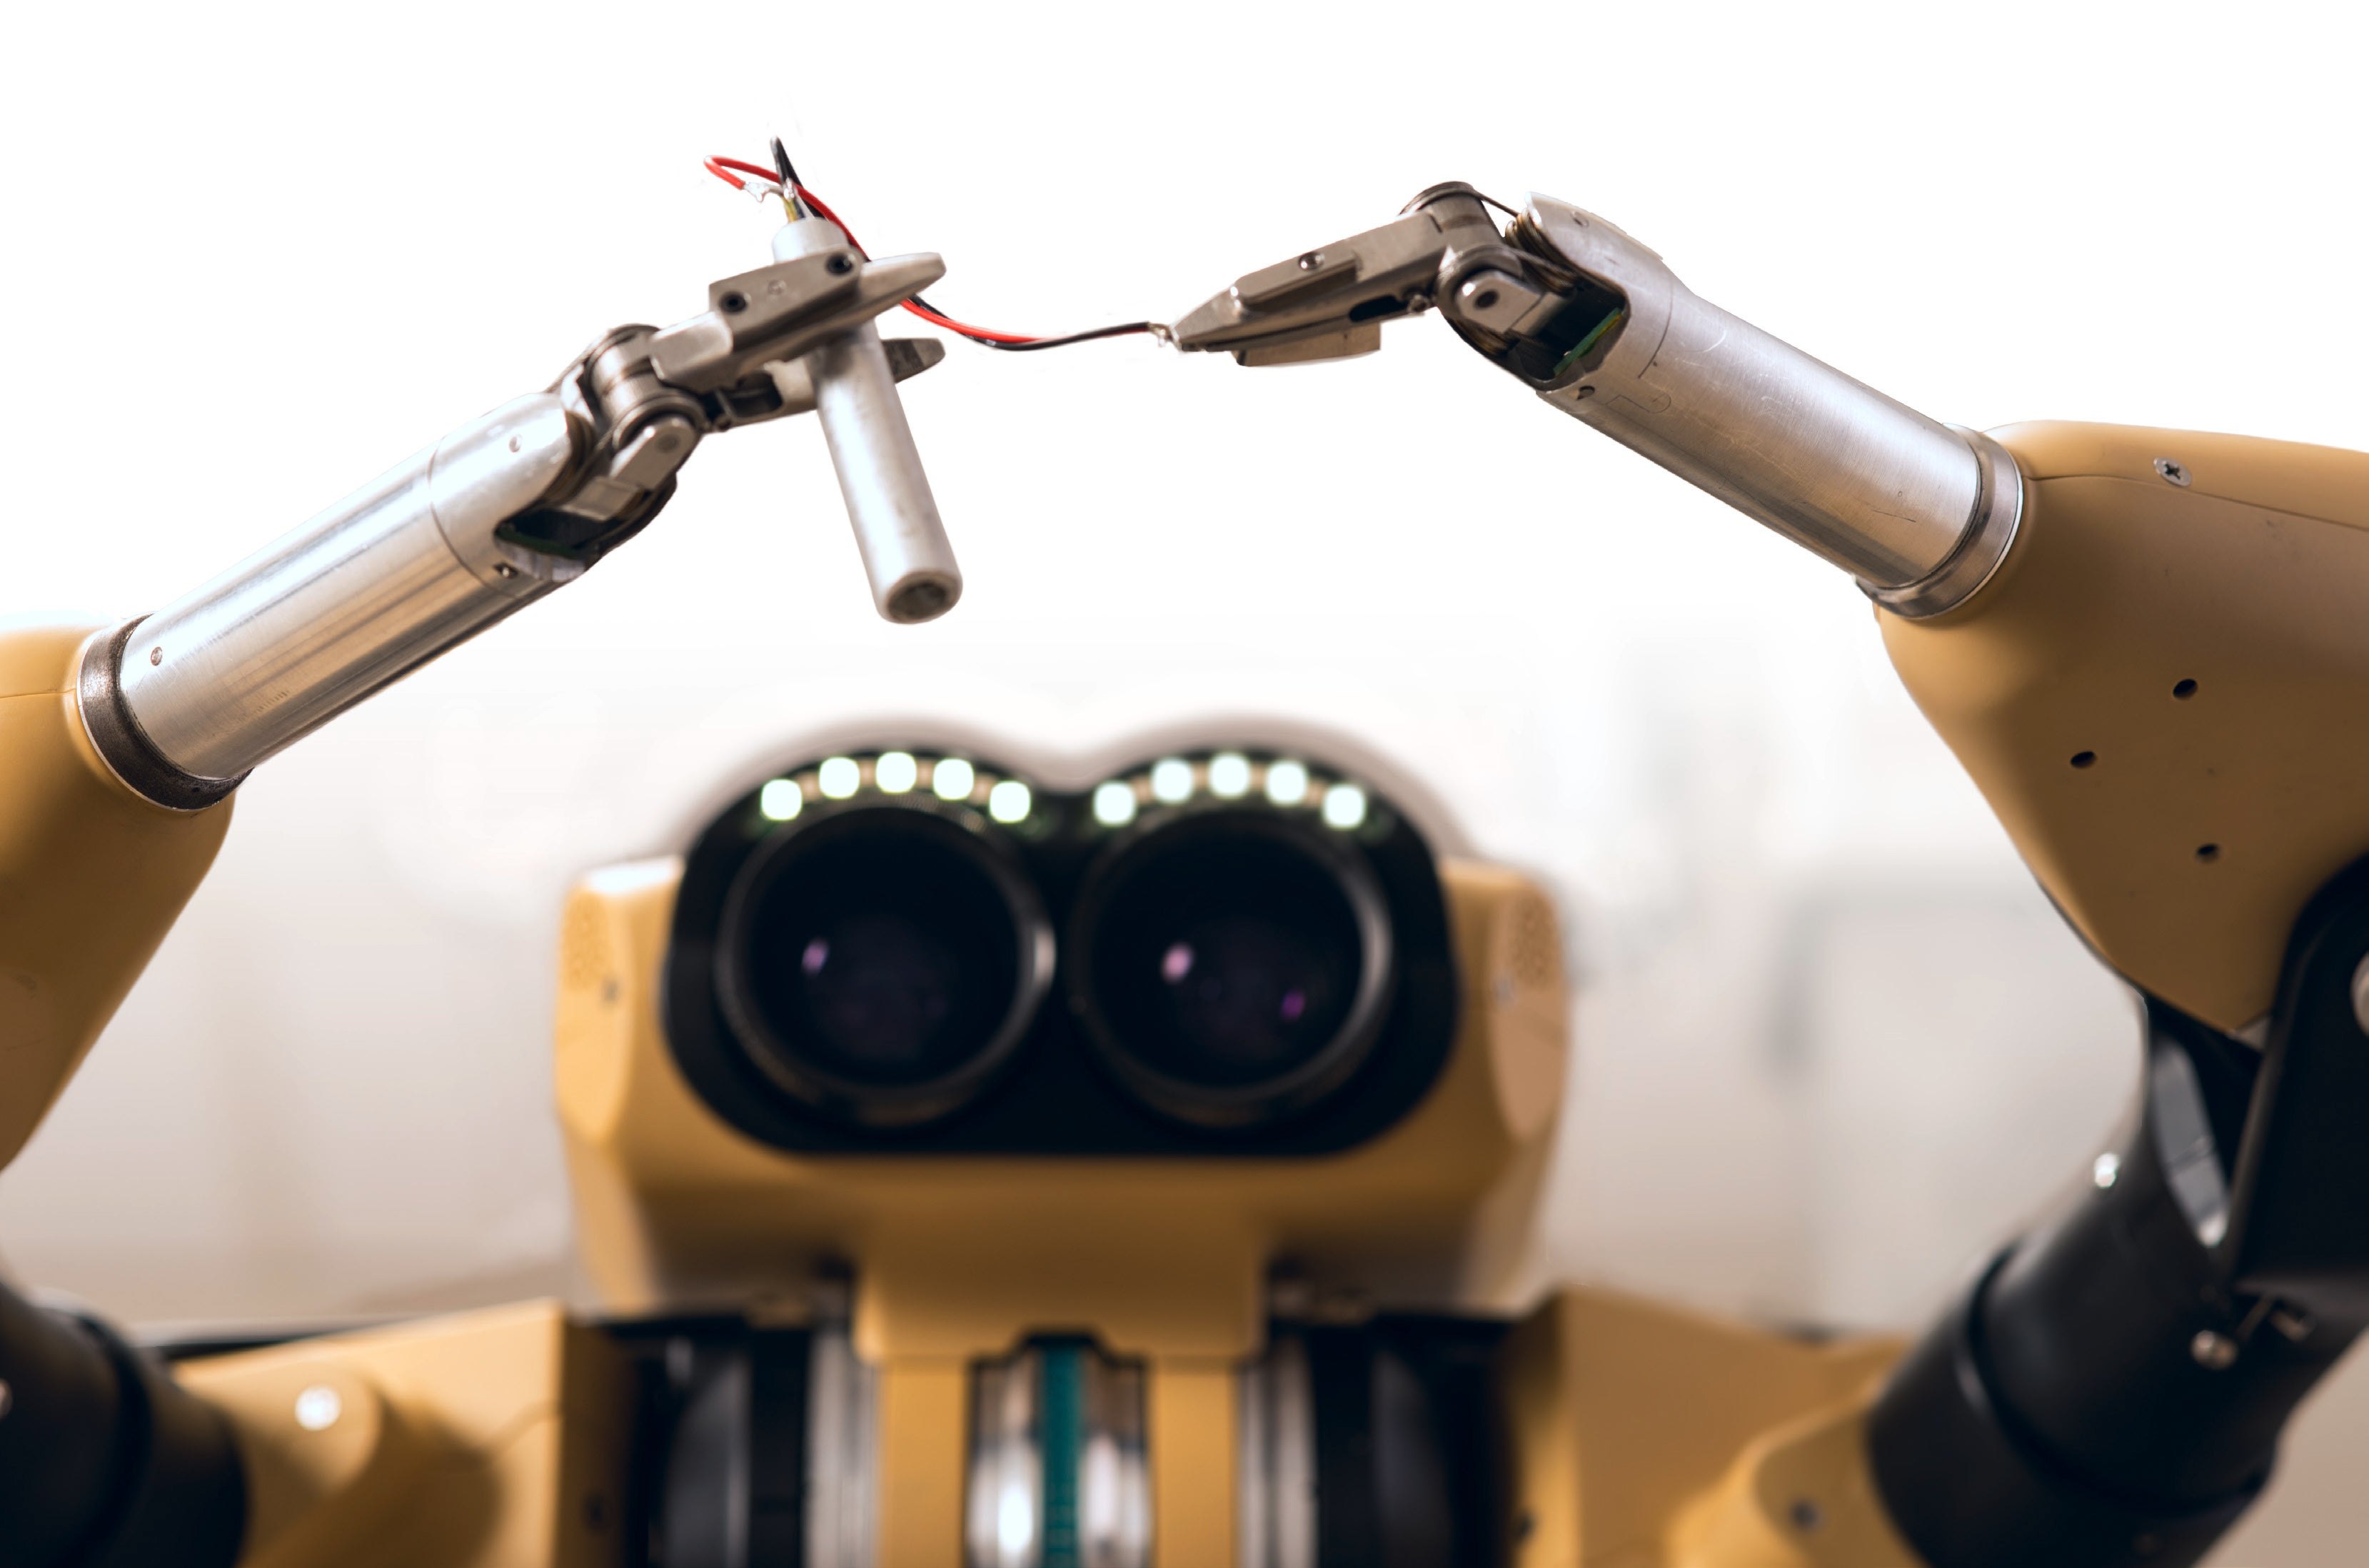 bomb disposal robots